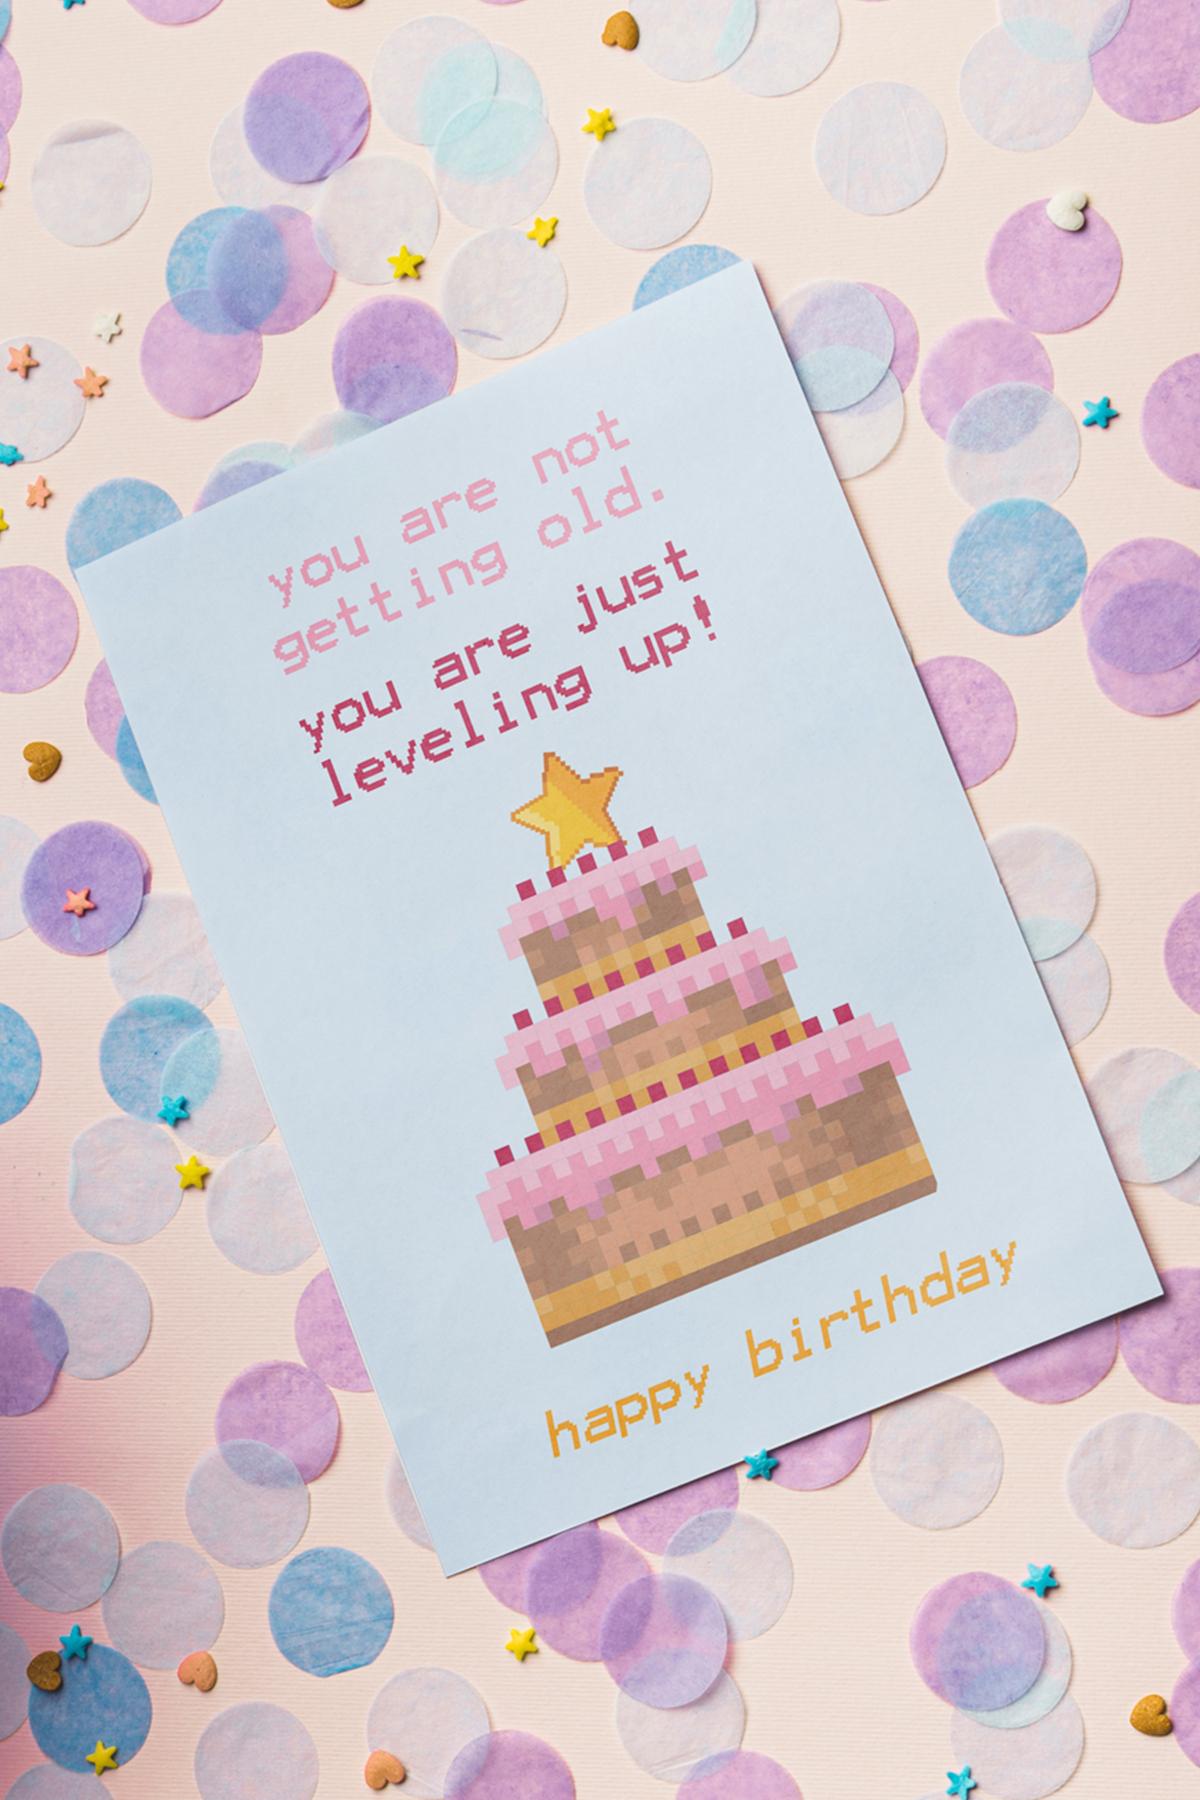 10 Coole Geburtstagskarten Zum Ausdrucken   Free Printable bestimmt für Geburtstagskarten Selber Drucken